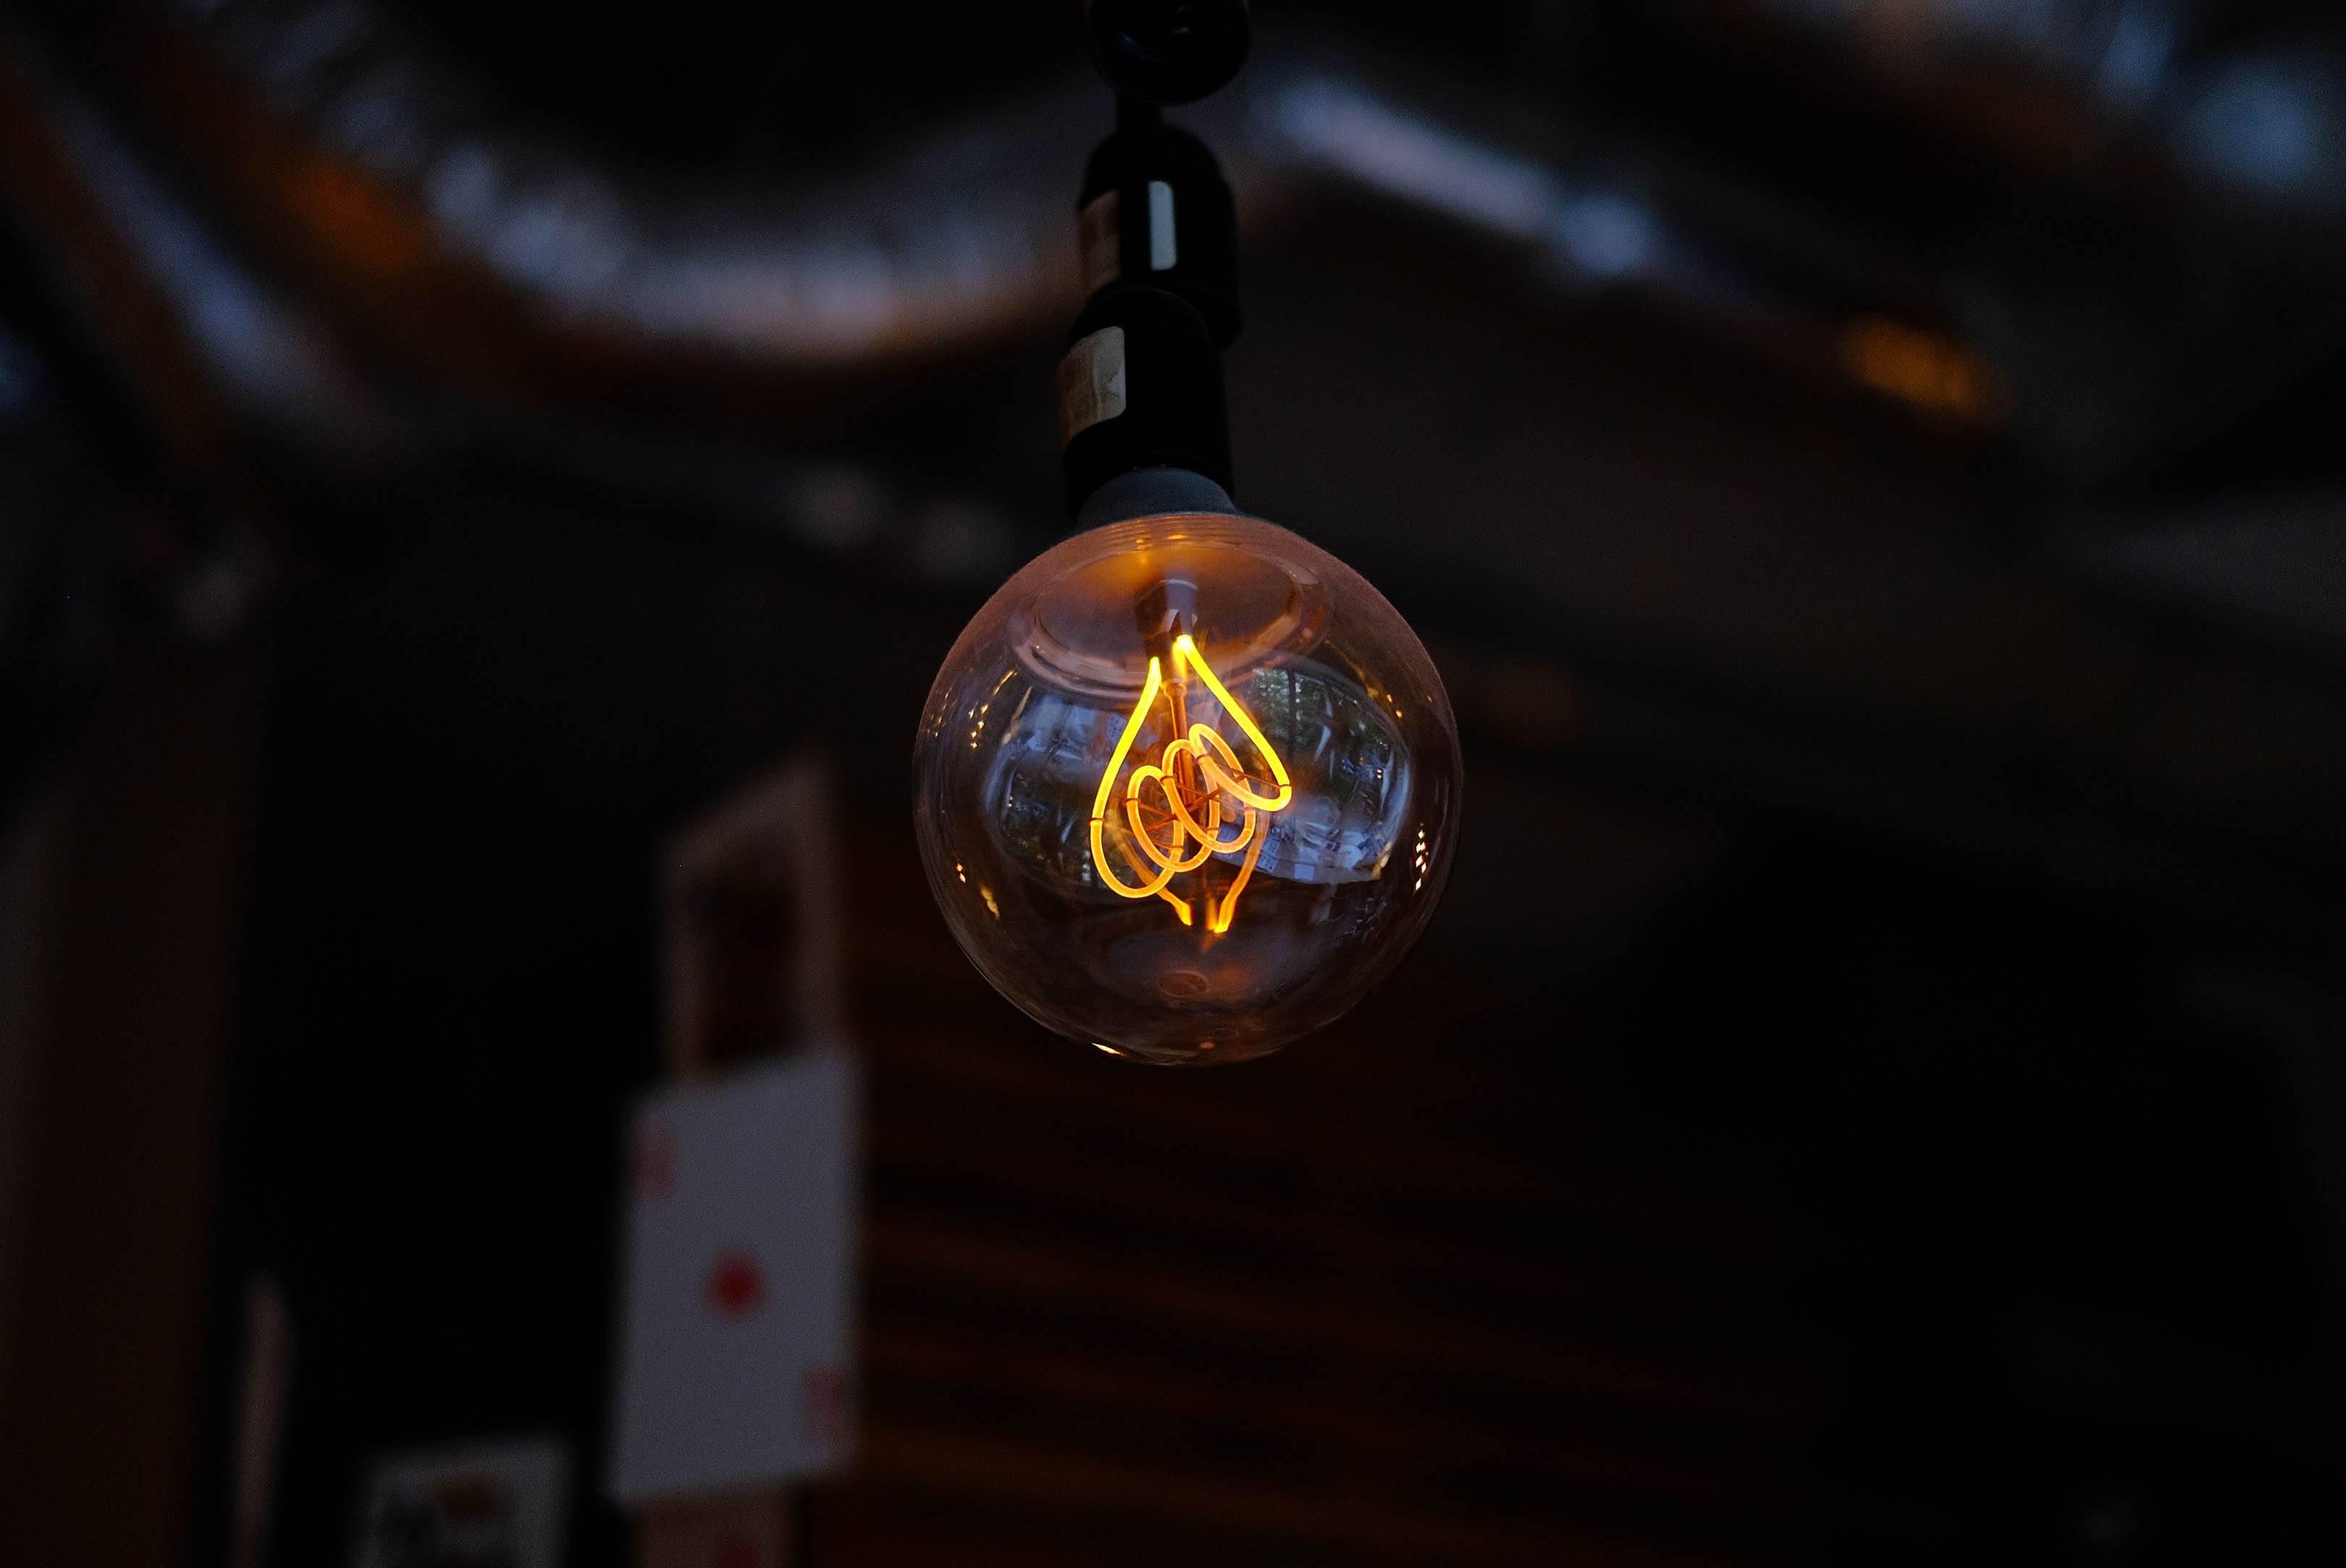 Accede al sensor de luz ambiental de un dispositivo con JavaScript